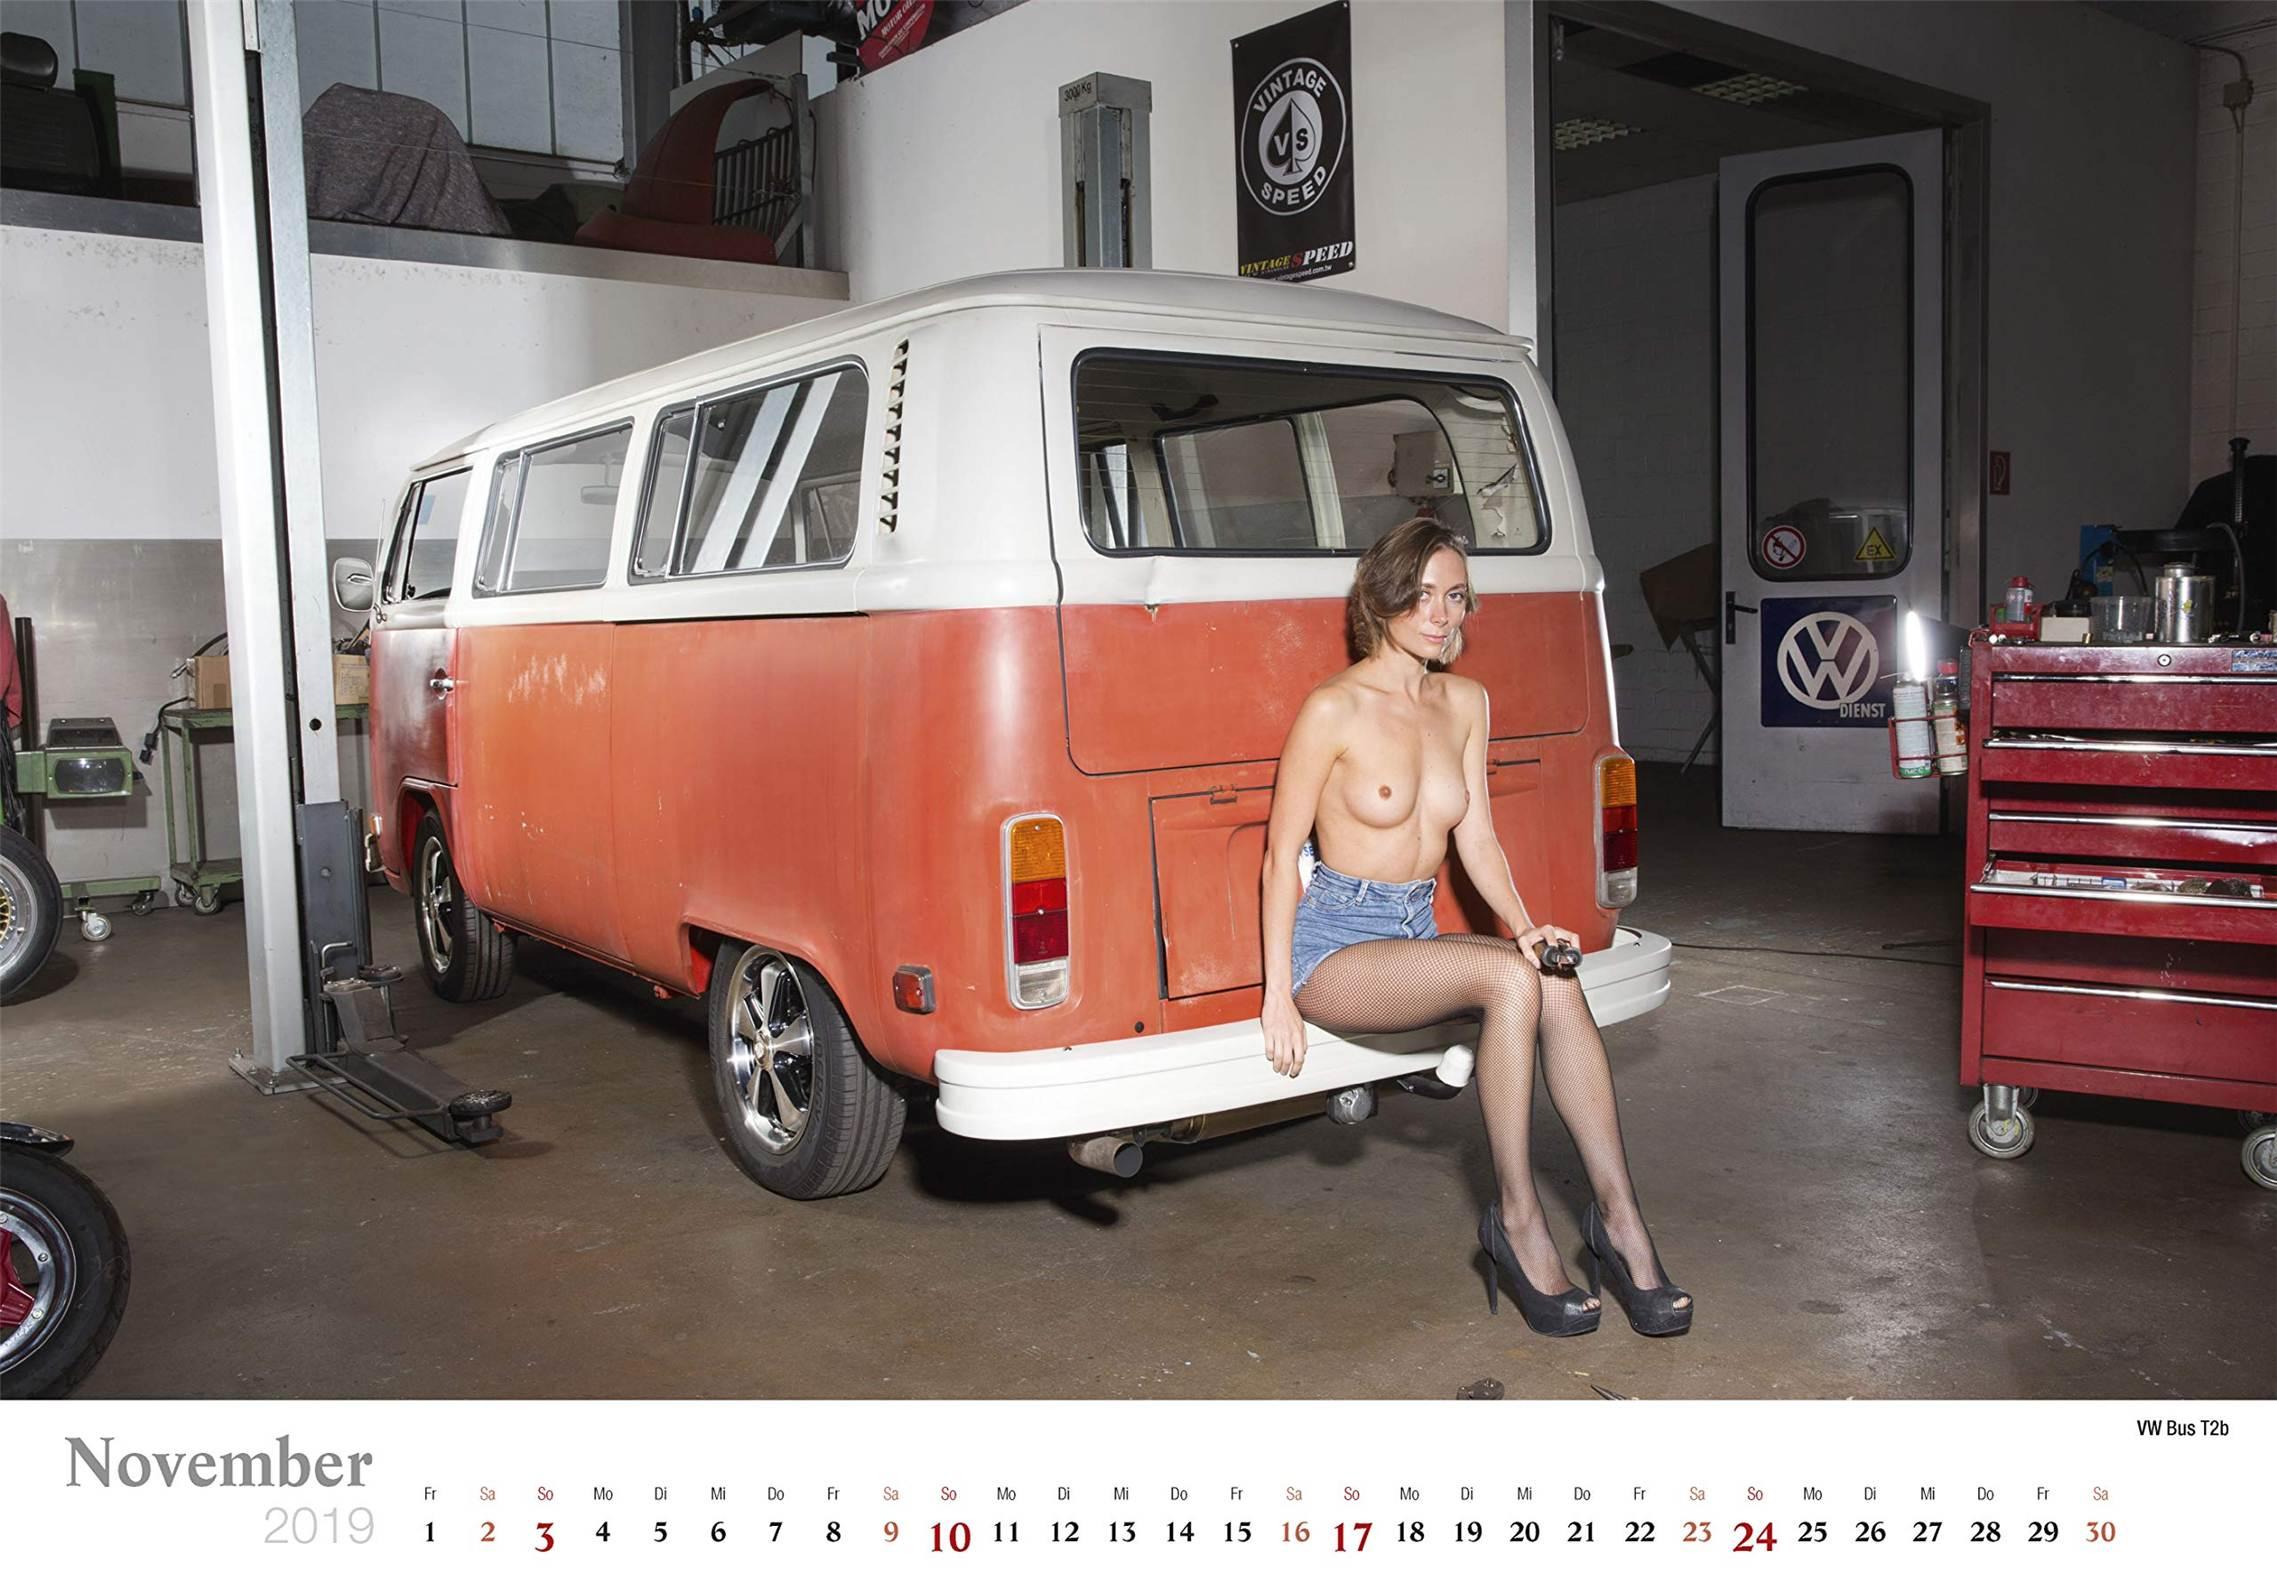 Сексуальные девушки ремонтируют автомобили / VW Bus T2b / Schraubertraume / 2019 erotic calendar by Frank Lutzeback